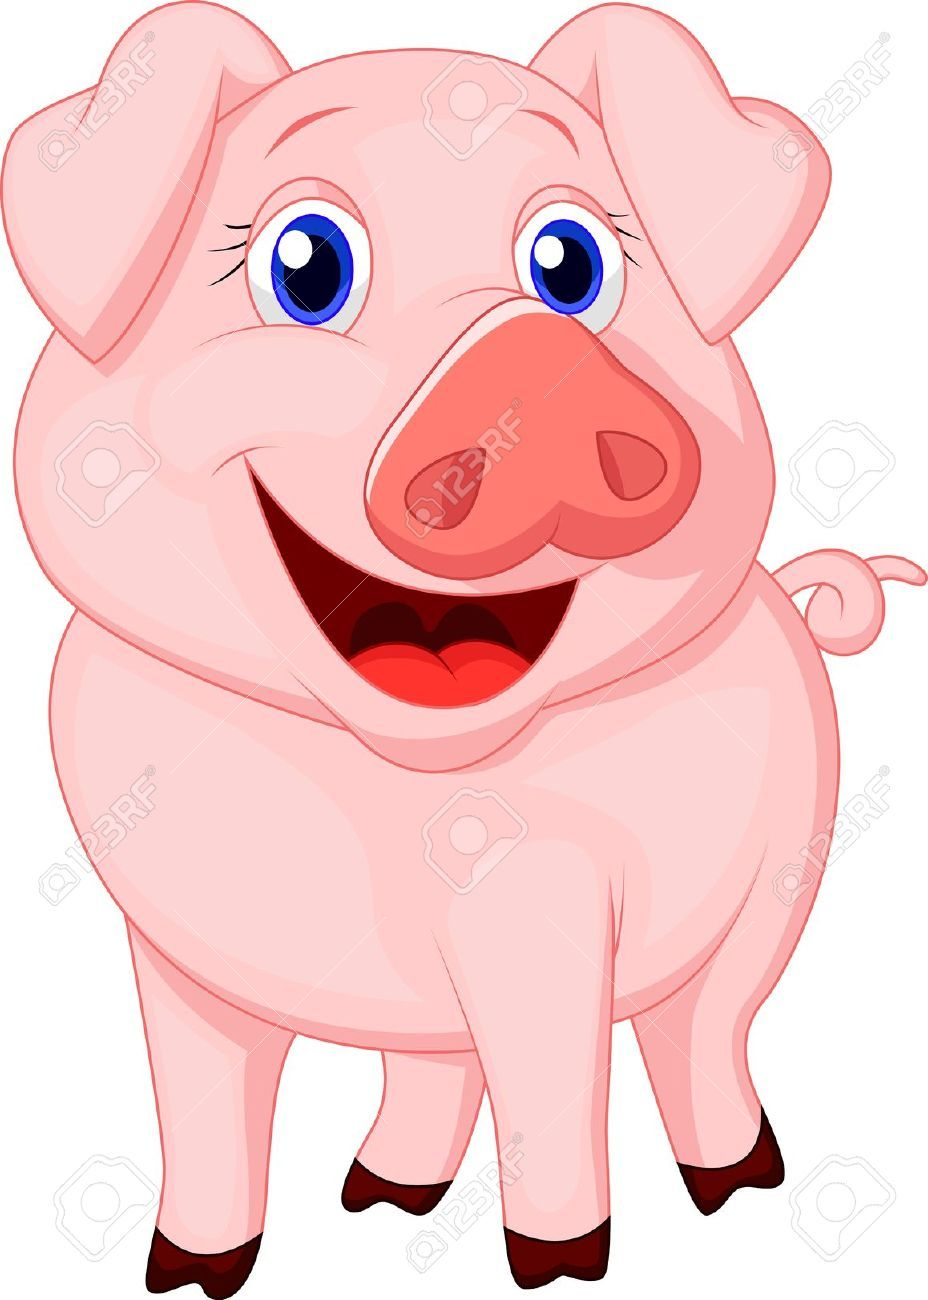 Pin By Michelle O Neill On Piggy Art Pig Cartoon Cartoon Drawings Of Animals Pig Art